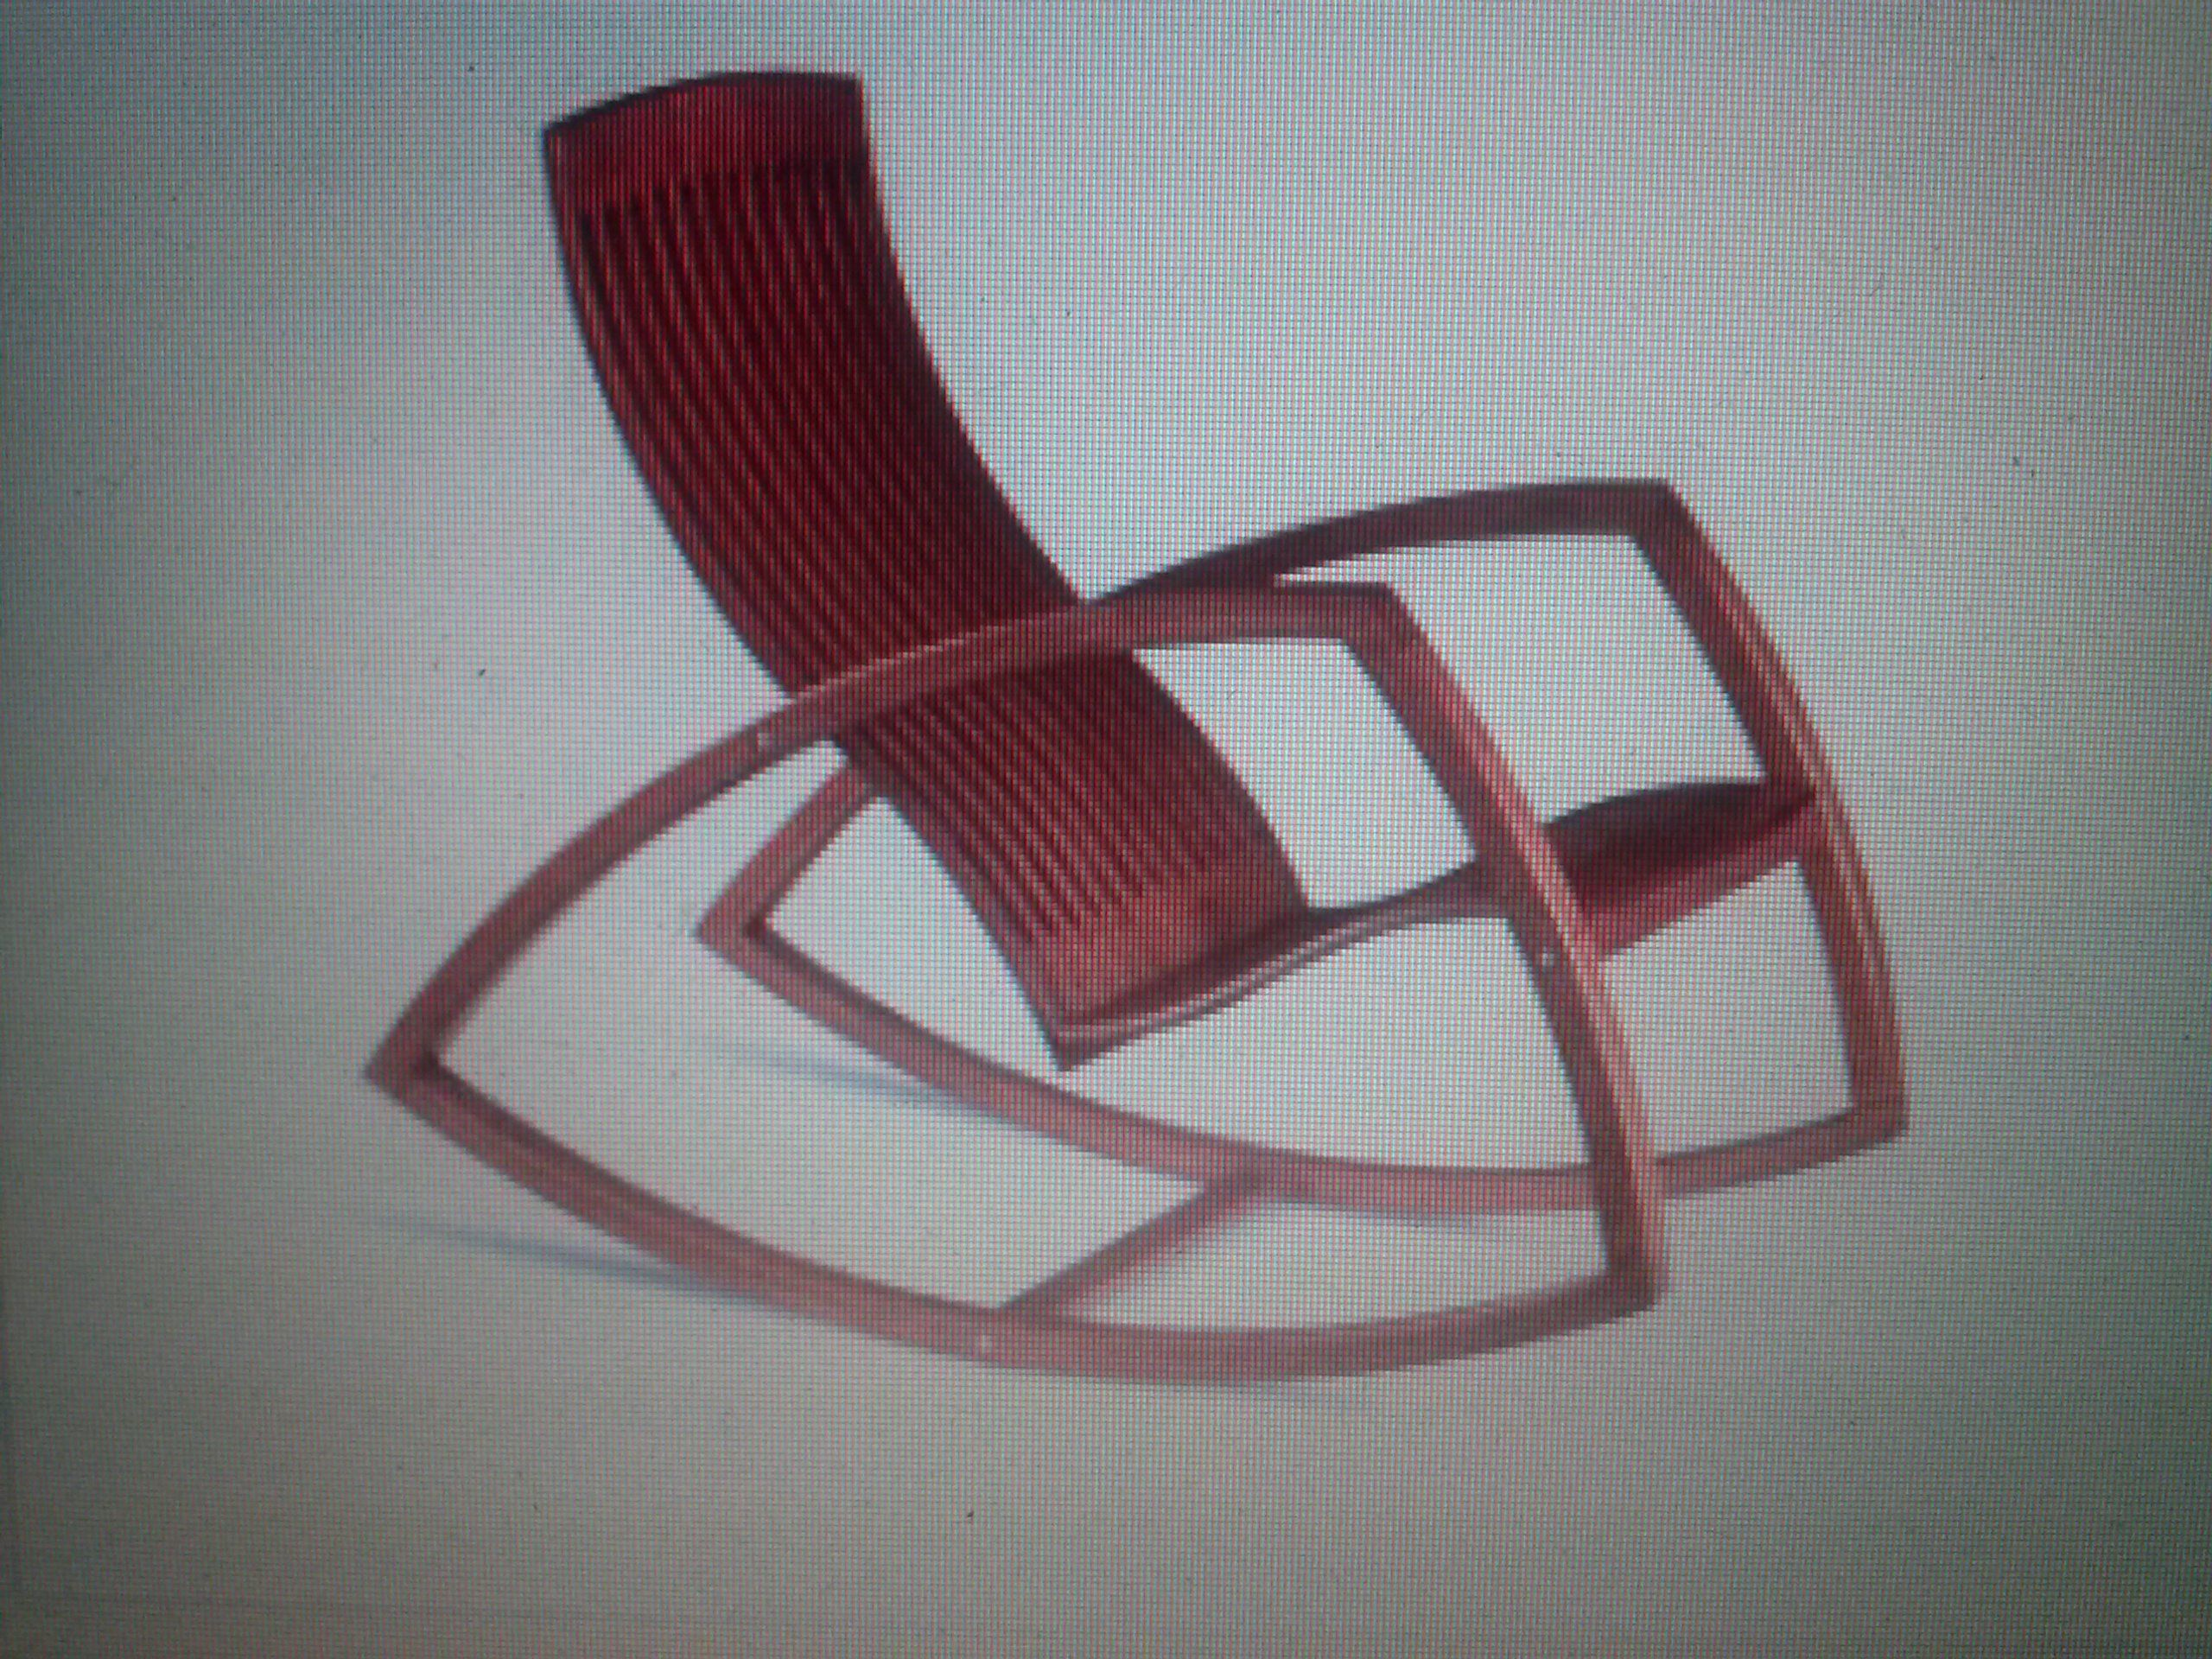 Cadeira de balanço Gaivota Reno Bonzon Móveis de design  #46252B 2560x1920